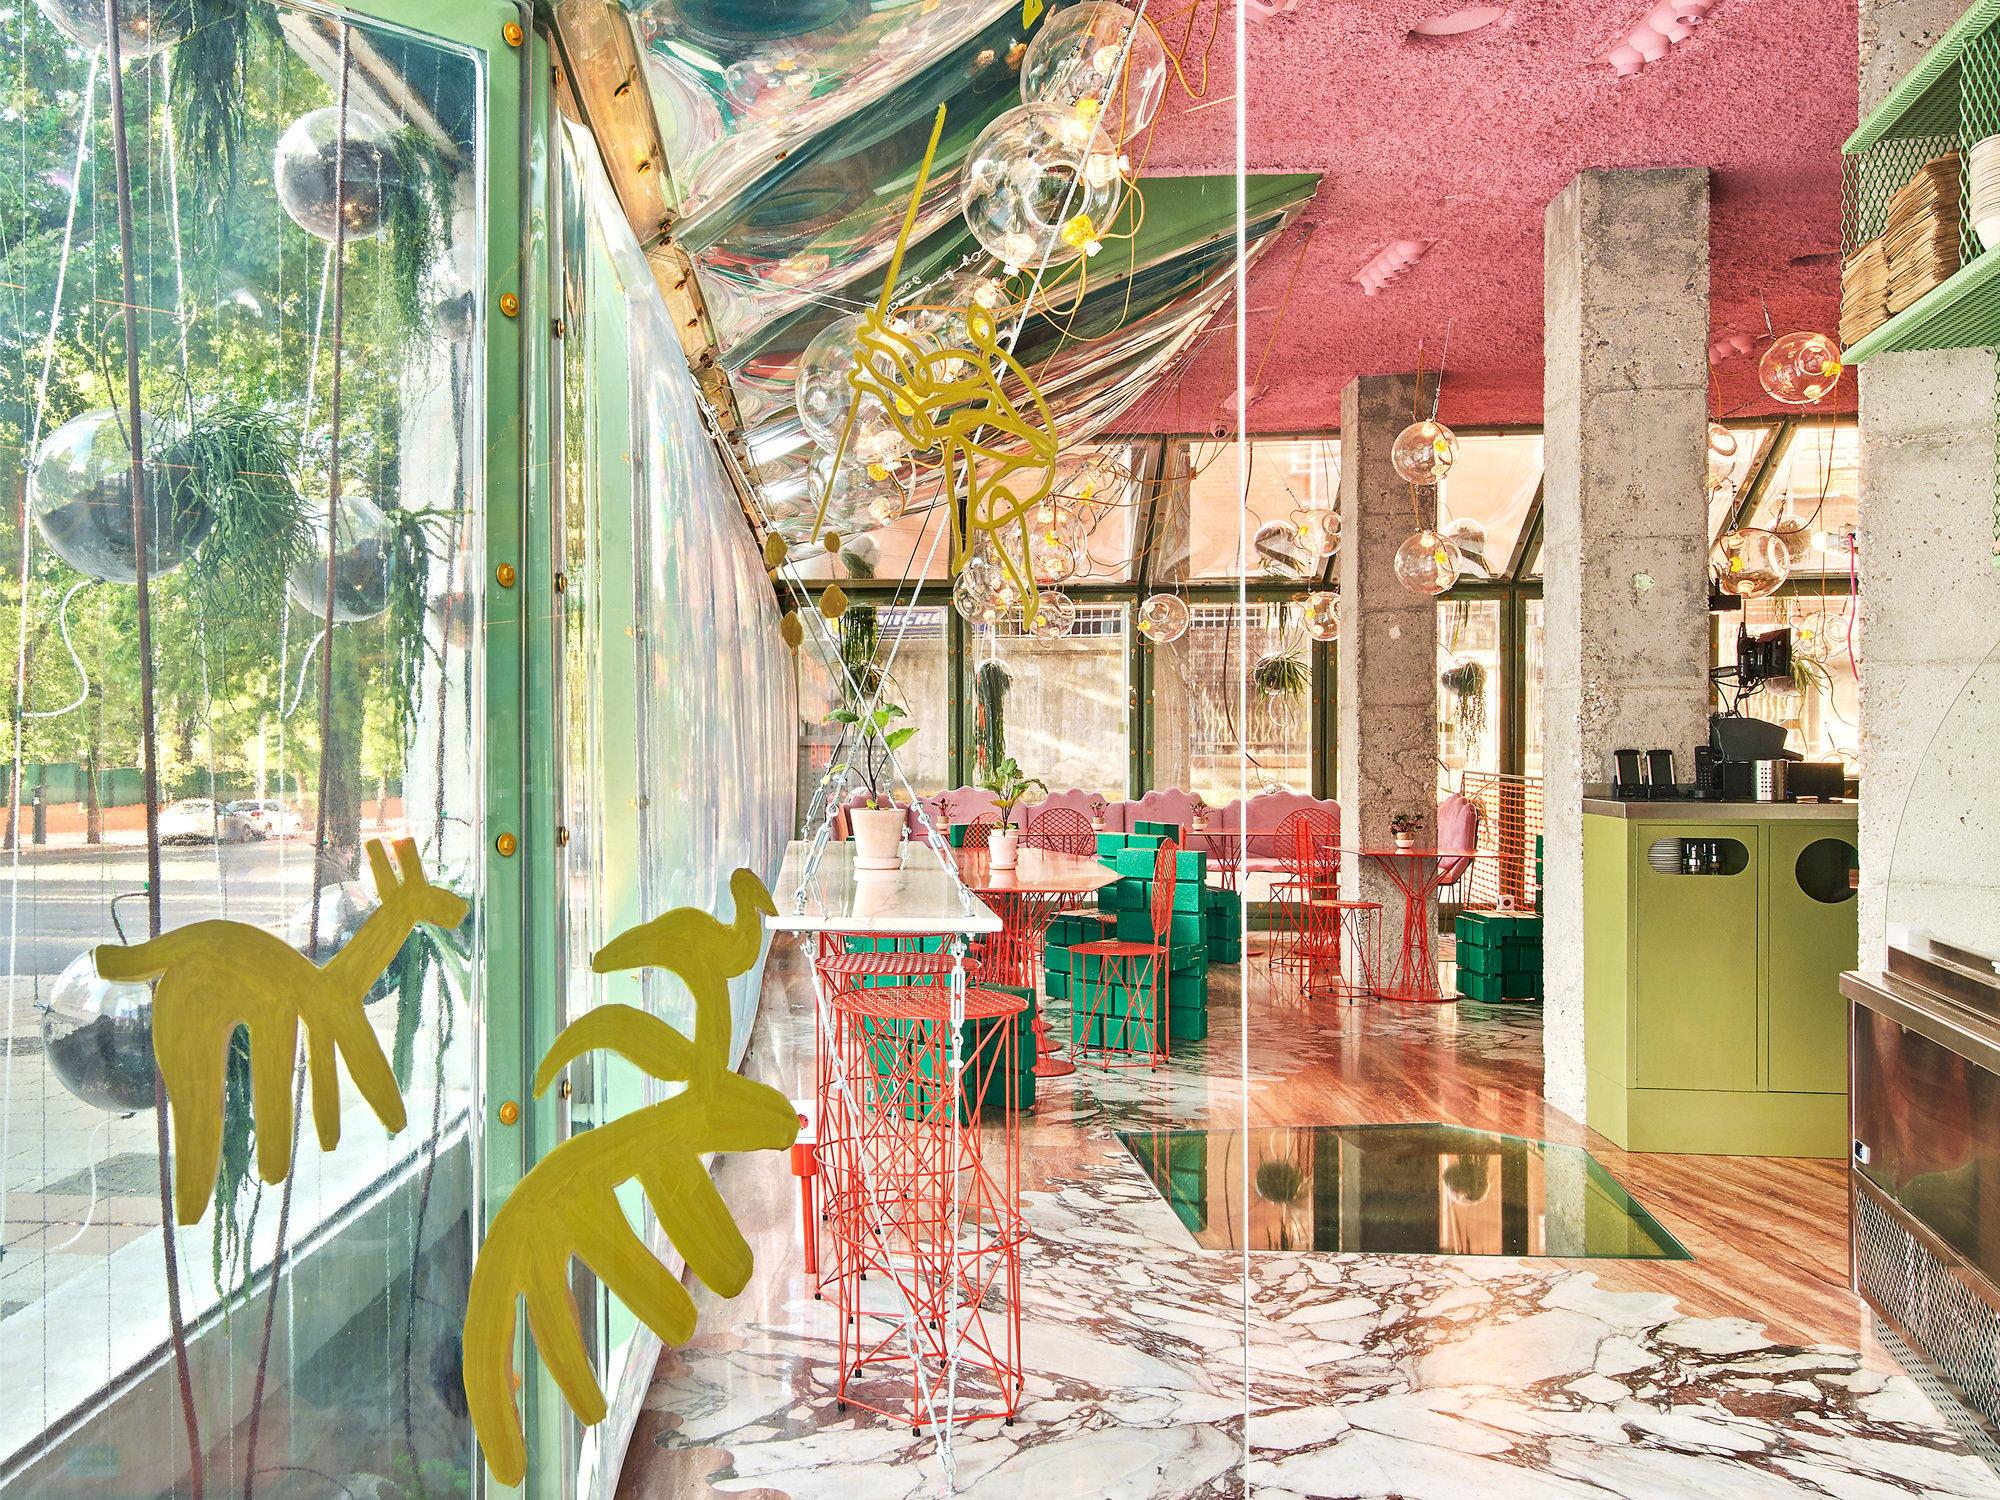 Run Run Run ist ein Hybrid aus Café, Coworking-Space und Sportclub:eine kulinarische Aktivzone für Großstädter, die mit grellen Farben, rohem Beton und filigranen Metallmöbeln aufwartet. Der Entwurf stammt vom Office for Political Innovation und dessen Gründer Andrés Jaque. Foto: Jose Havia